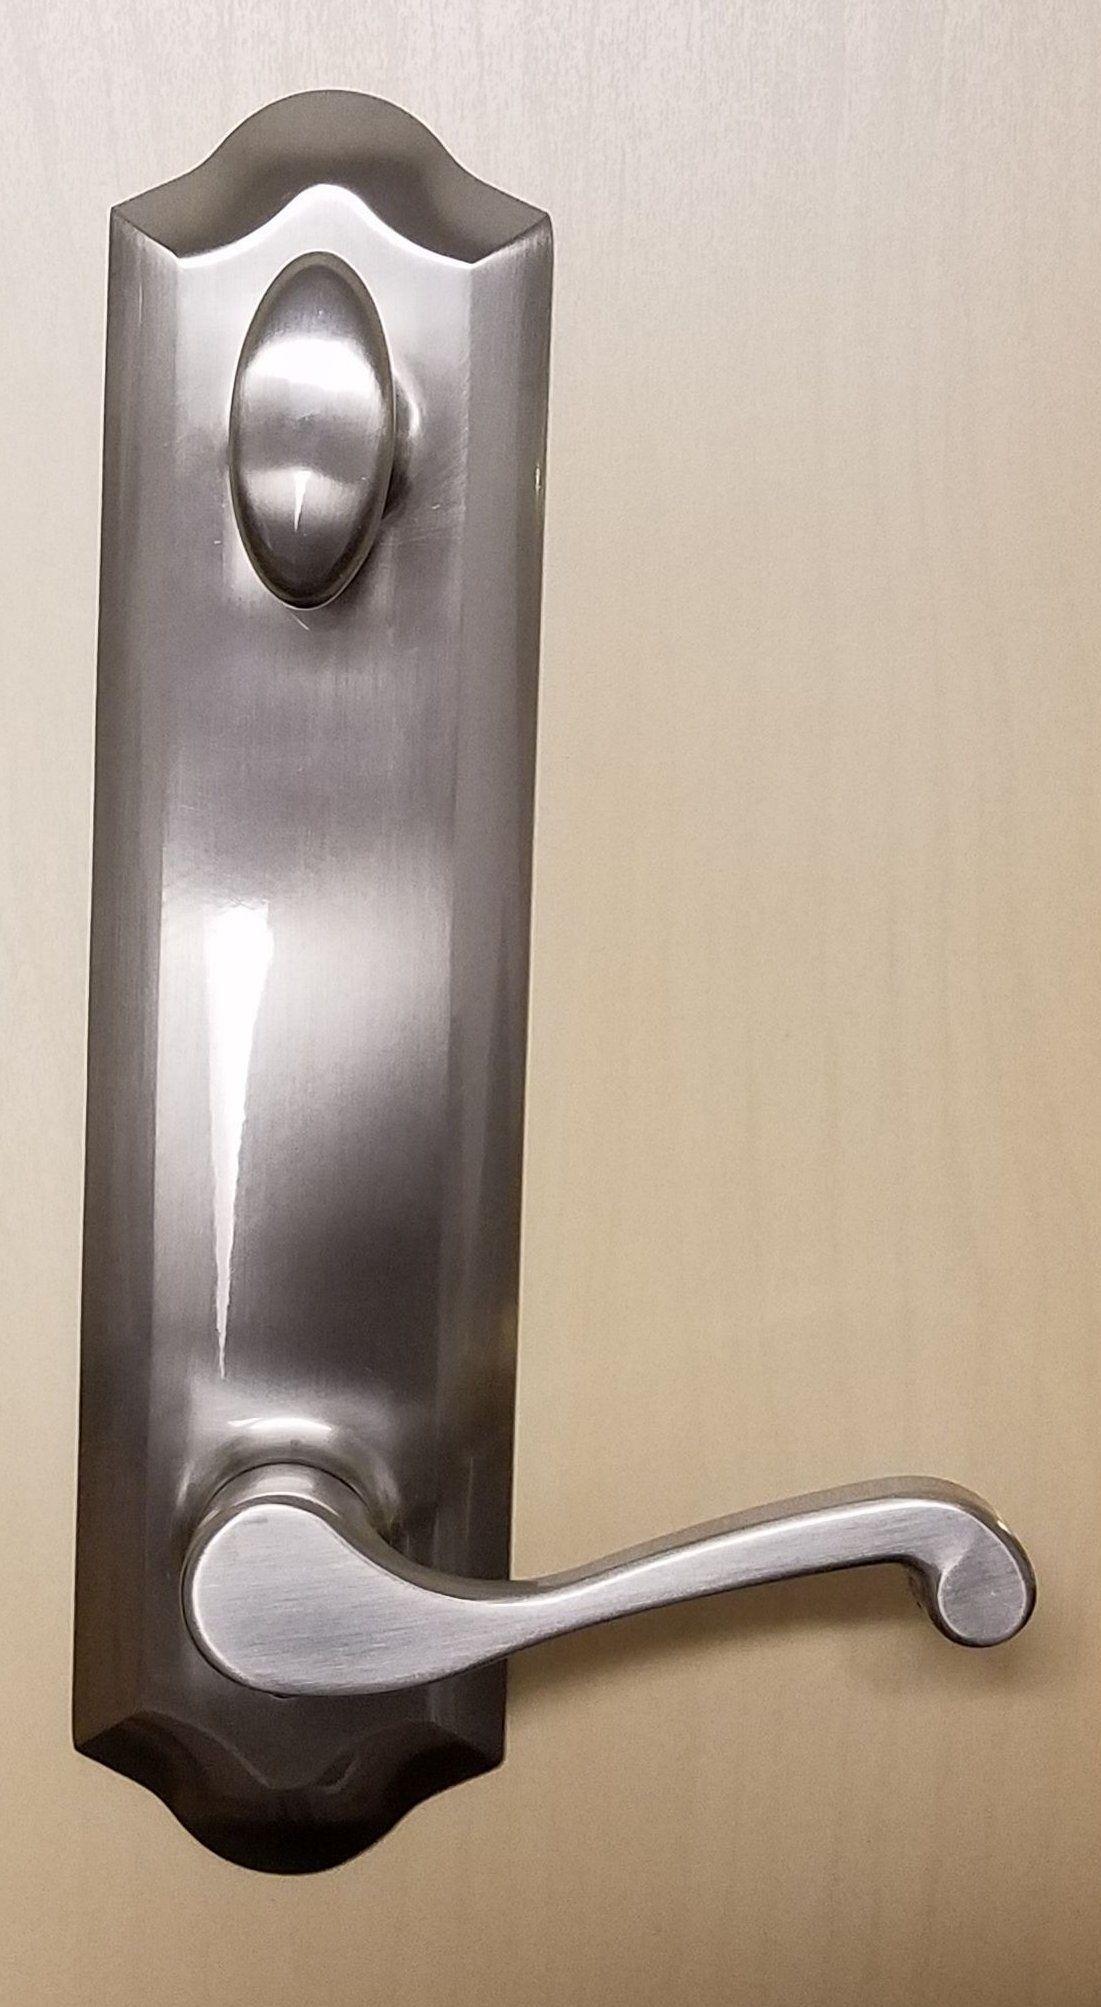 852 Handle Set 6 Center To Center Bore Hurd Handle Phillips Screwdriver Oil Rubbed Bronze Door Handles